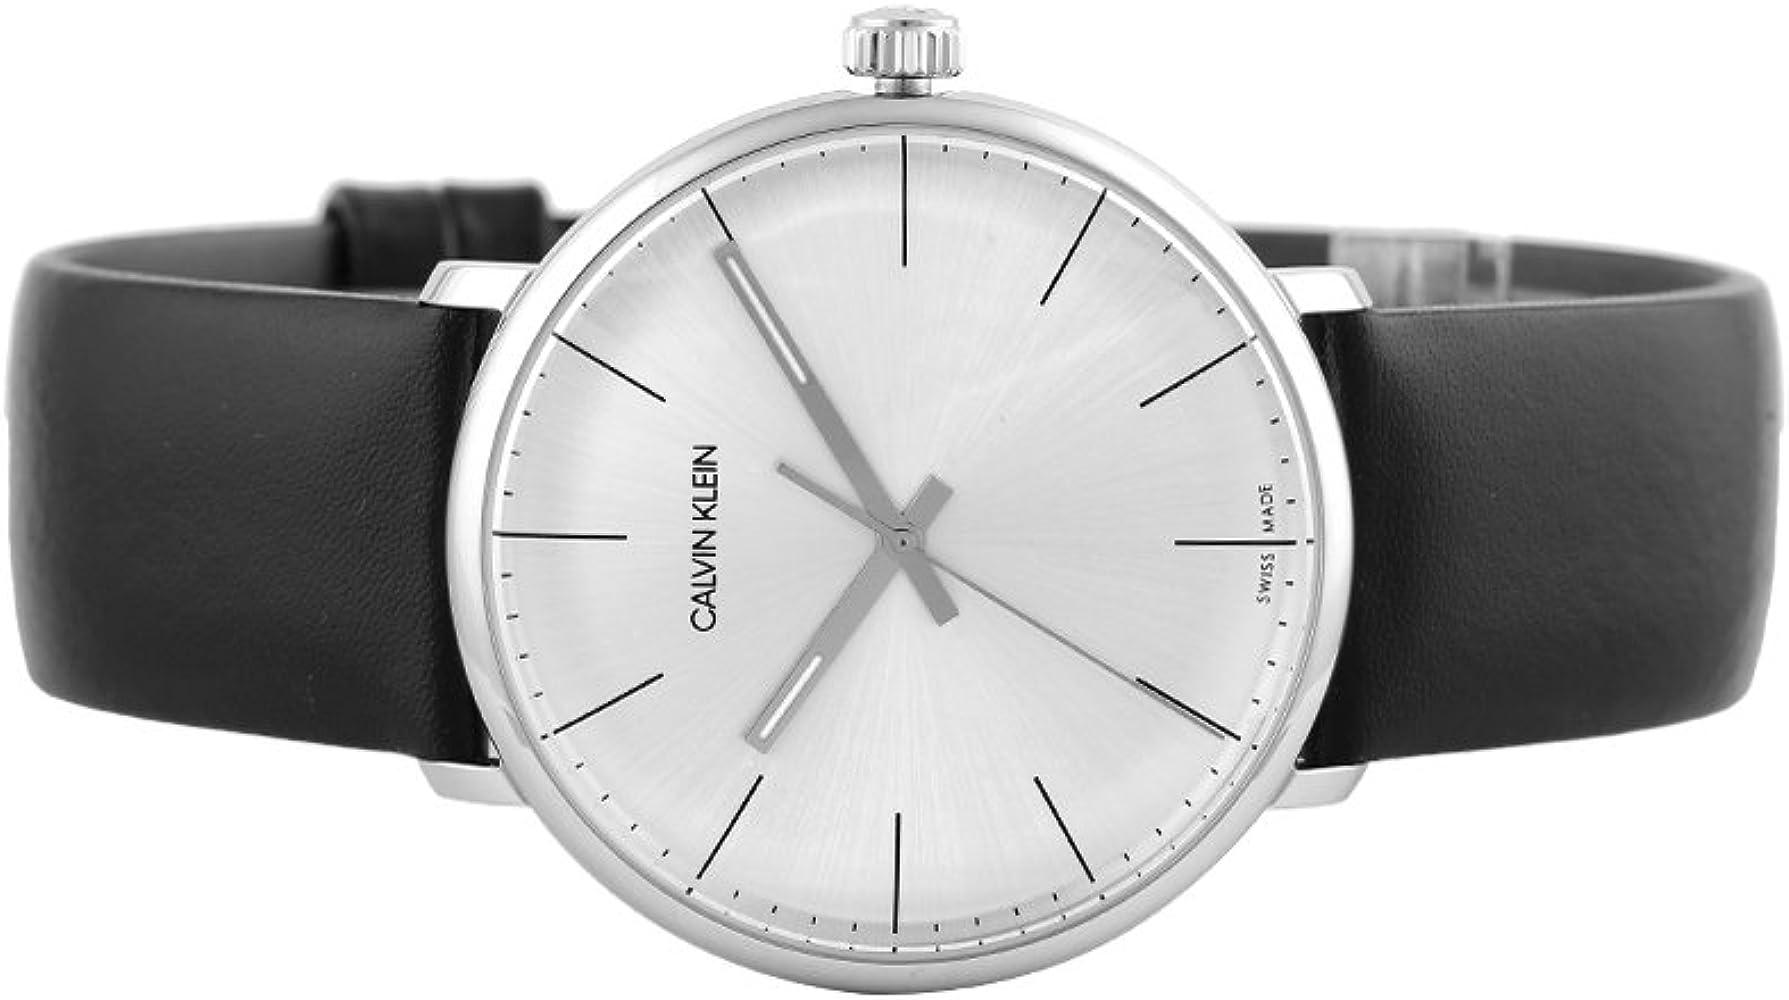 Calvin Klein High Noon Watch - K8M211C6 Silver/Black One Size: Amazon.es: Relojes